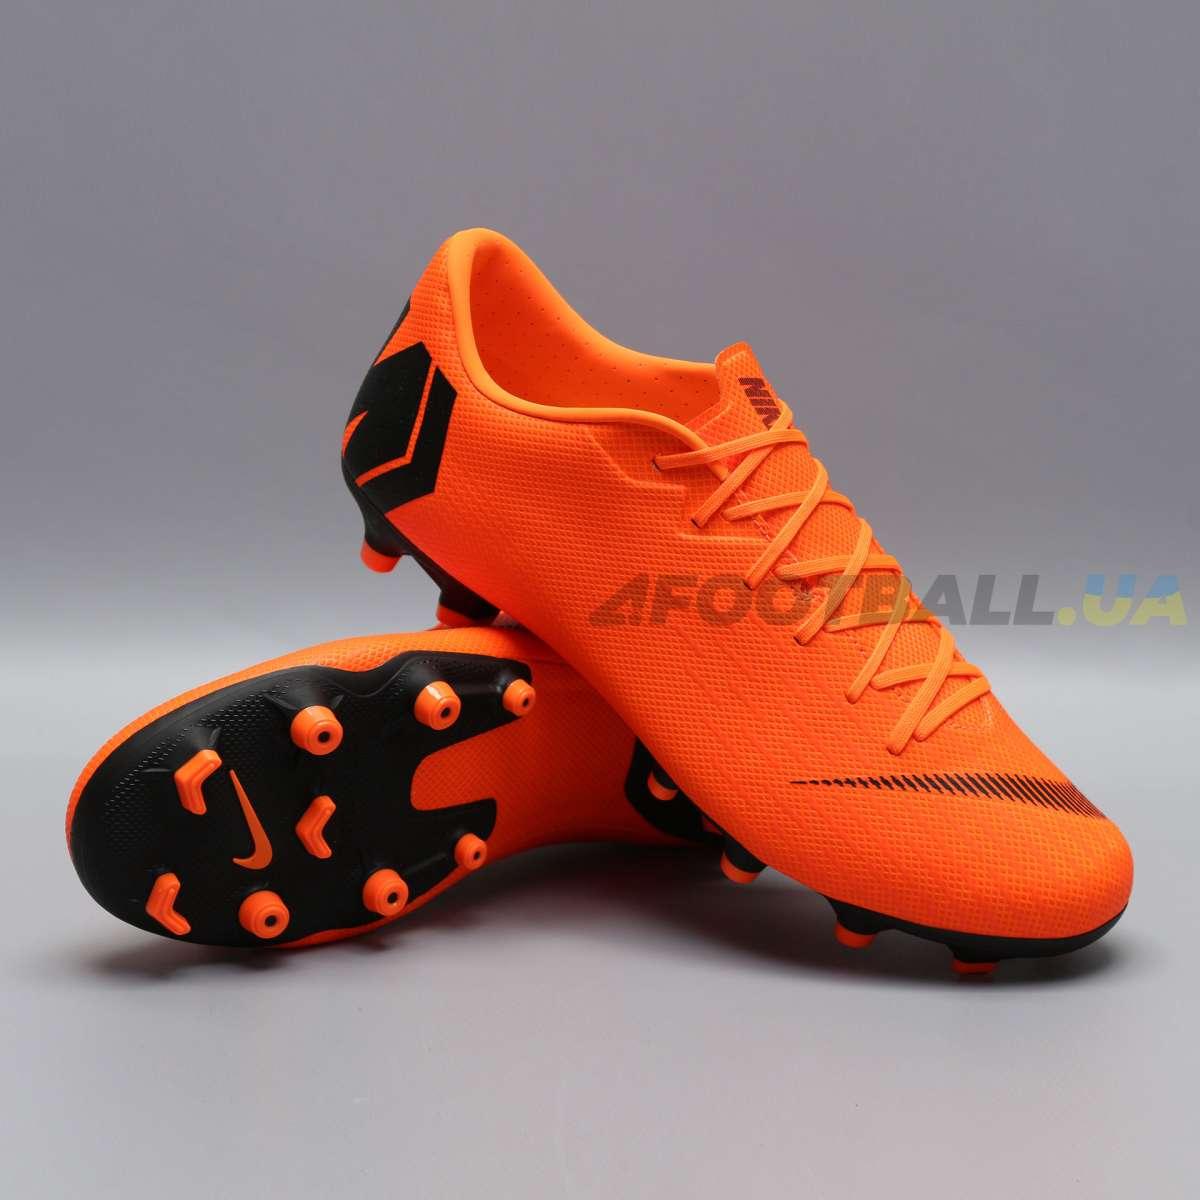 5722ca20 Бутсы Nike Mercurial Vapor Academy AH7375-810 купить на 4football ...